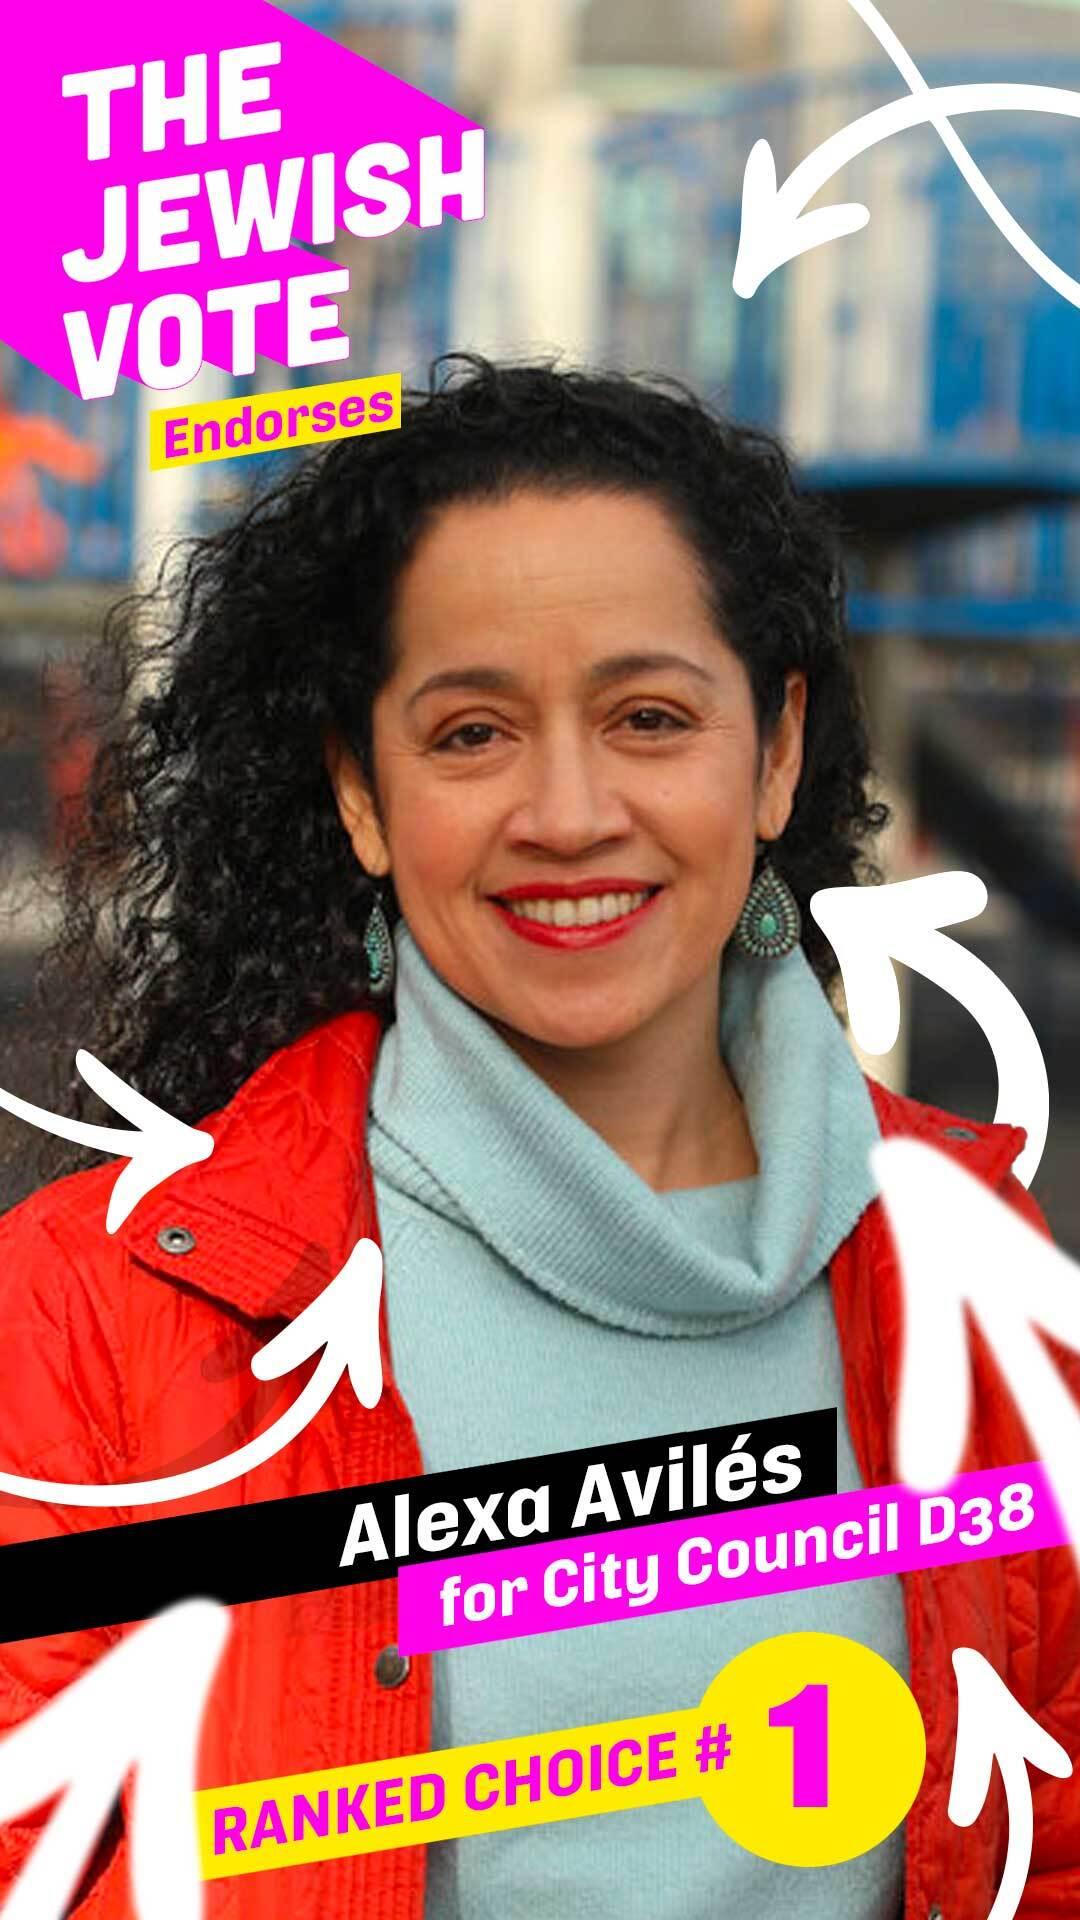 Alexa Avilés